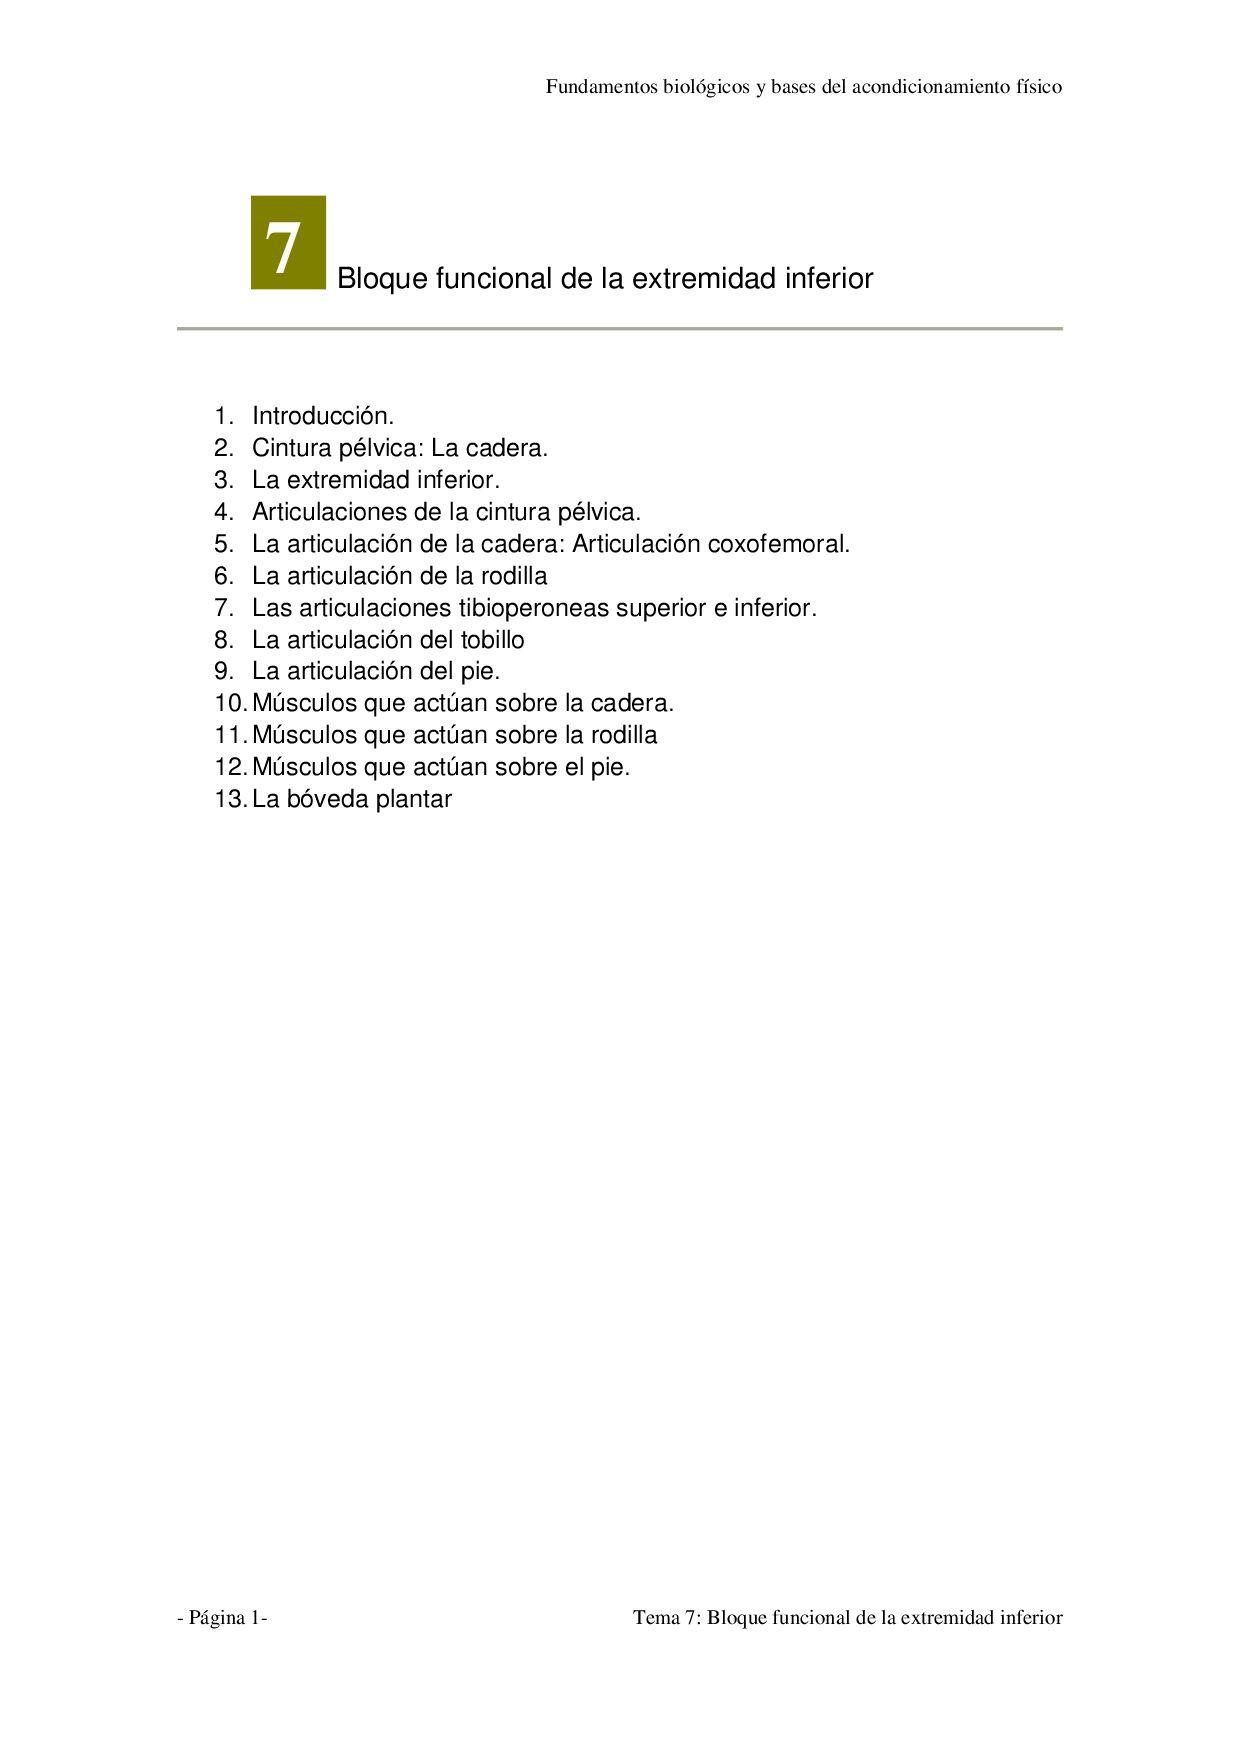 Tema 7 - Bloque funcional de la extremidad inferior by Marcos ...